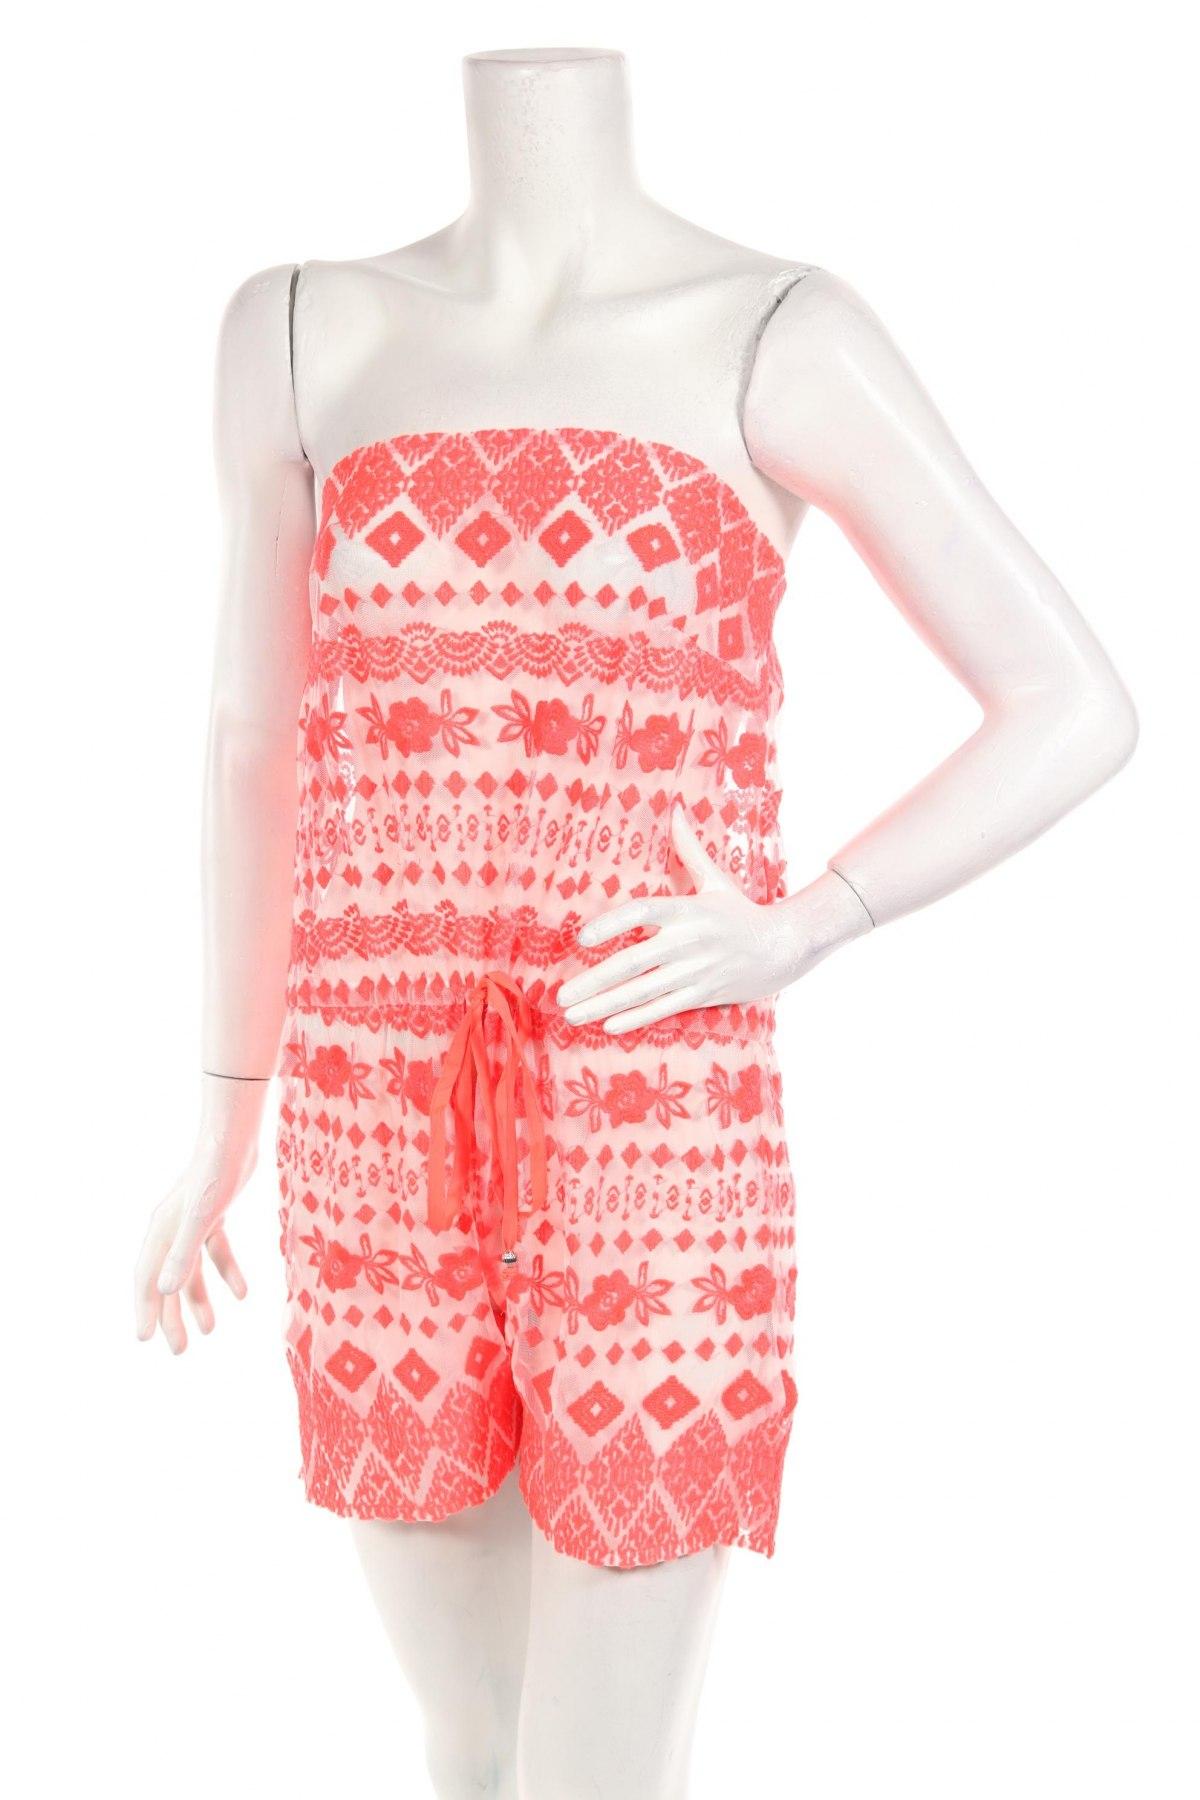 Γυναικεία σαλοπέτα V by Very, Μέγεθος S, Χρώμα Ρόζ , 100% πολυεστέρας, Τιμή 4,18€